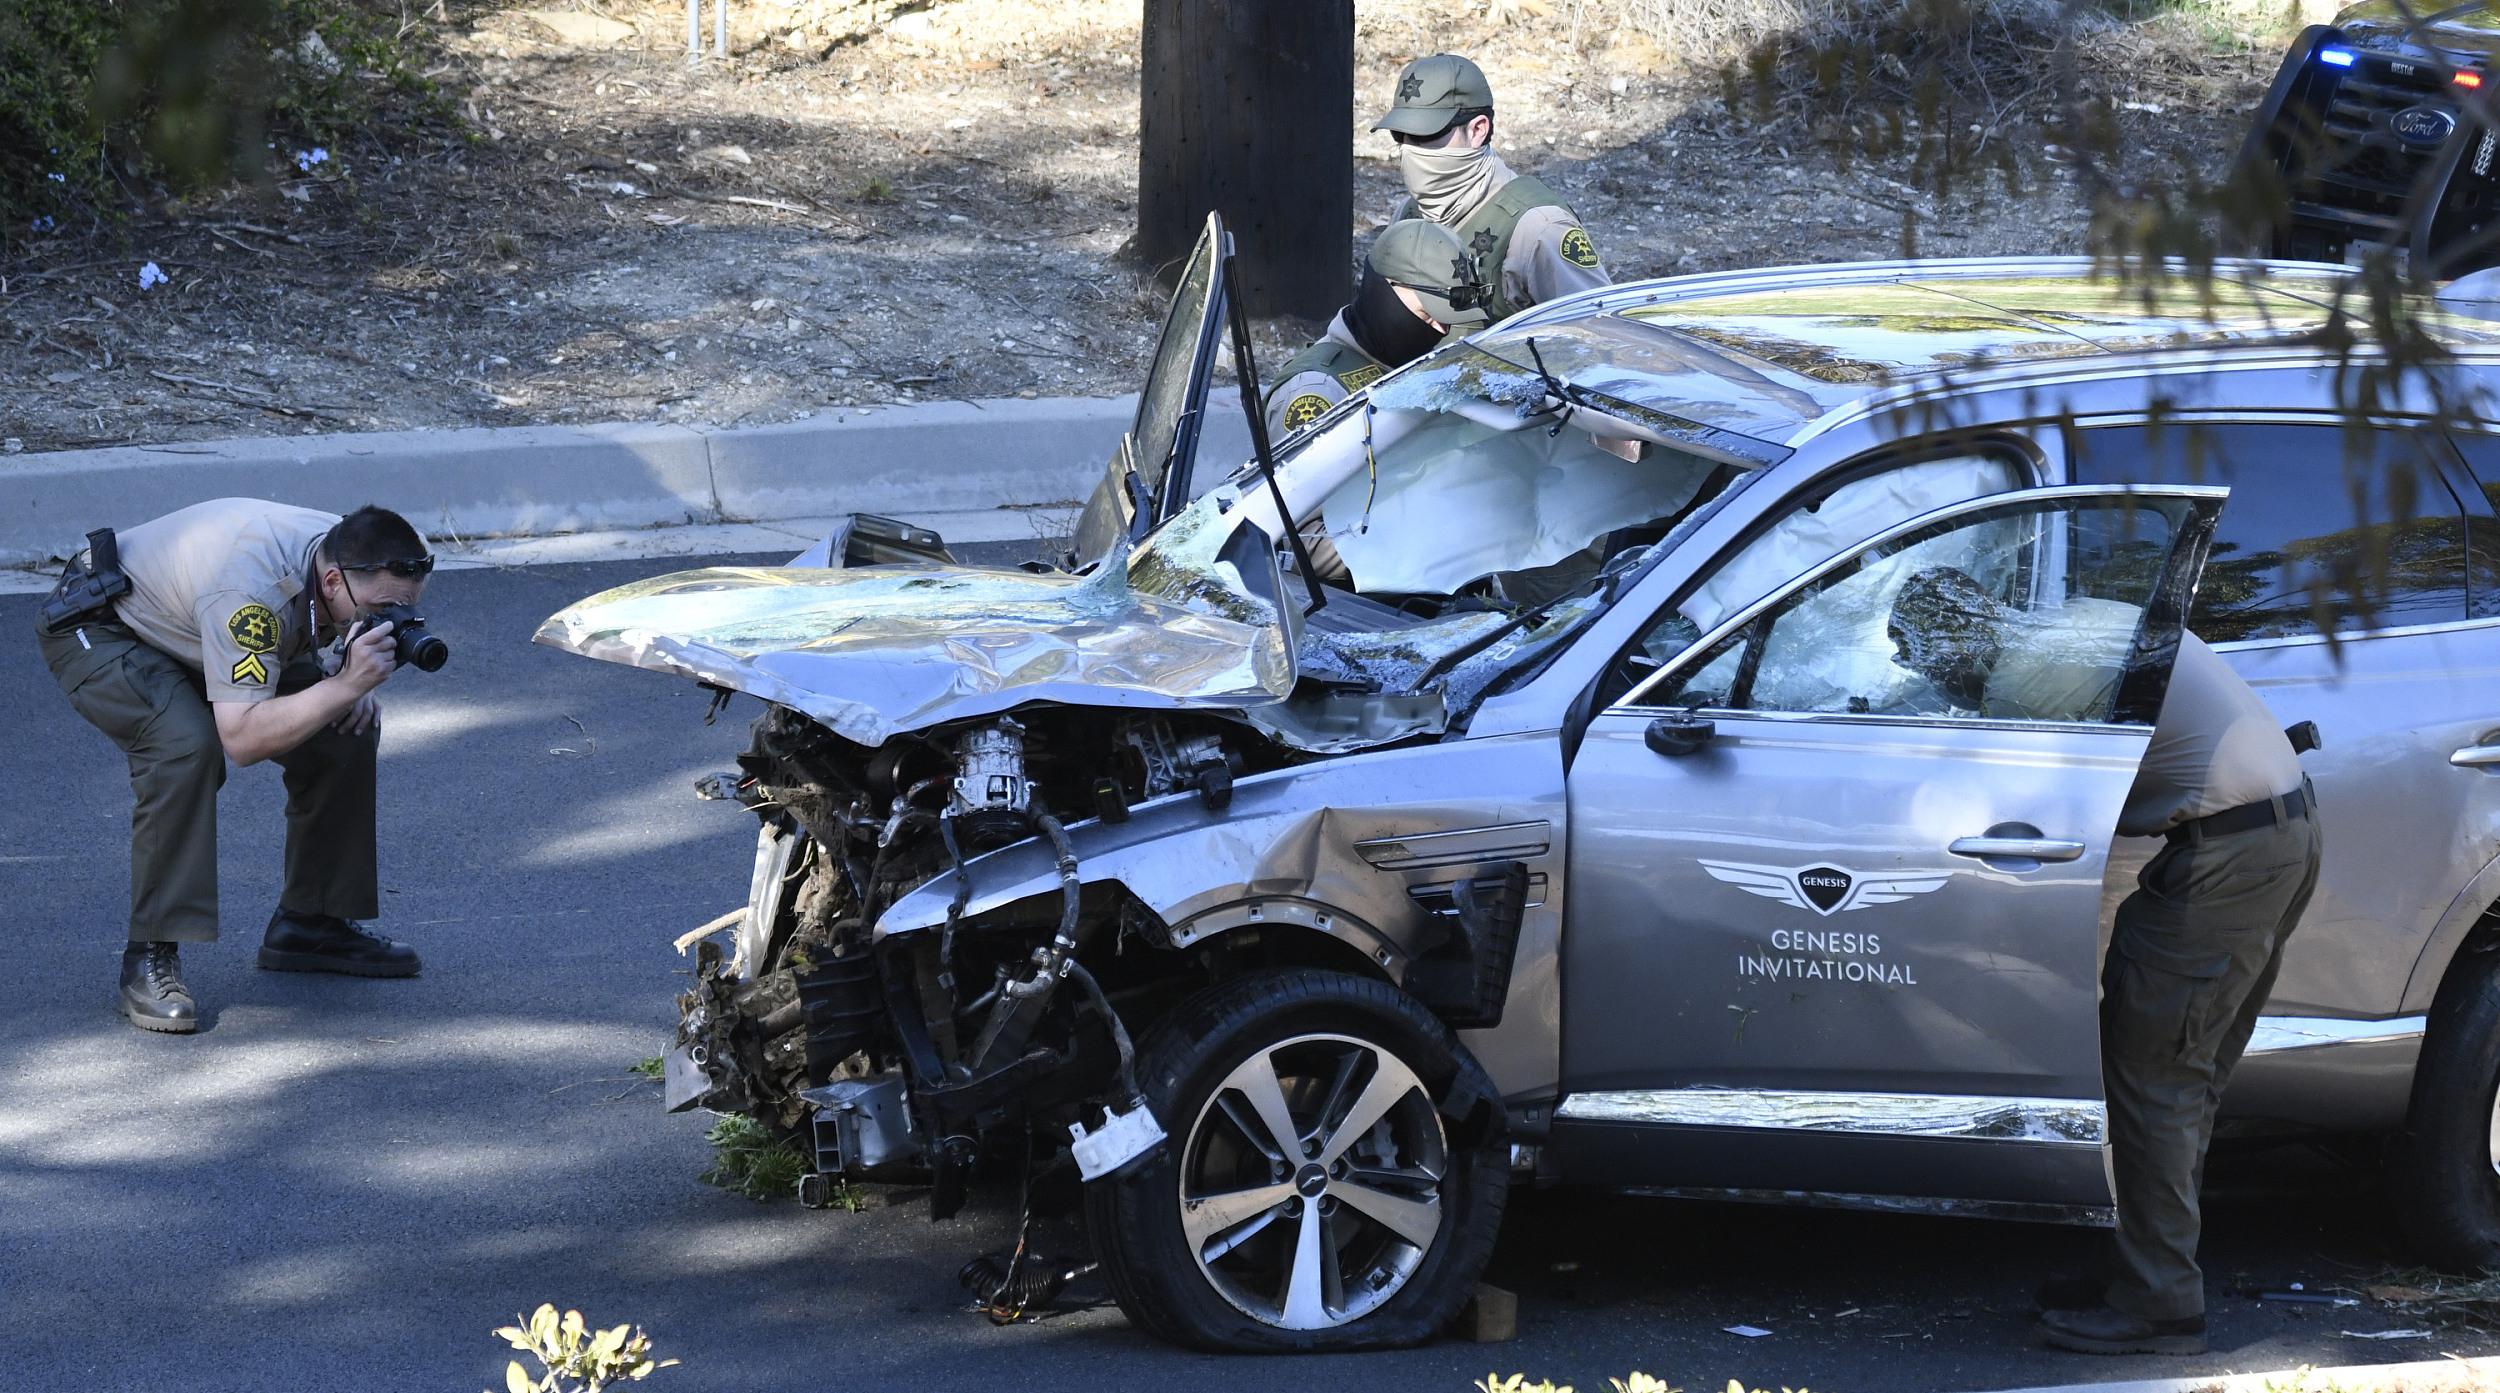 车辆受损严重。